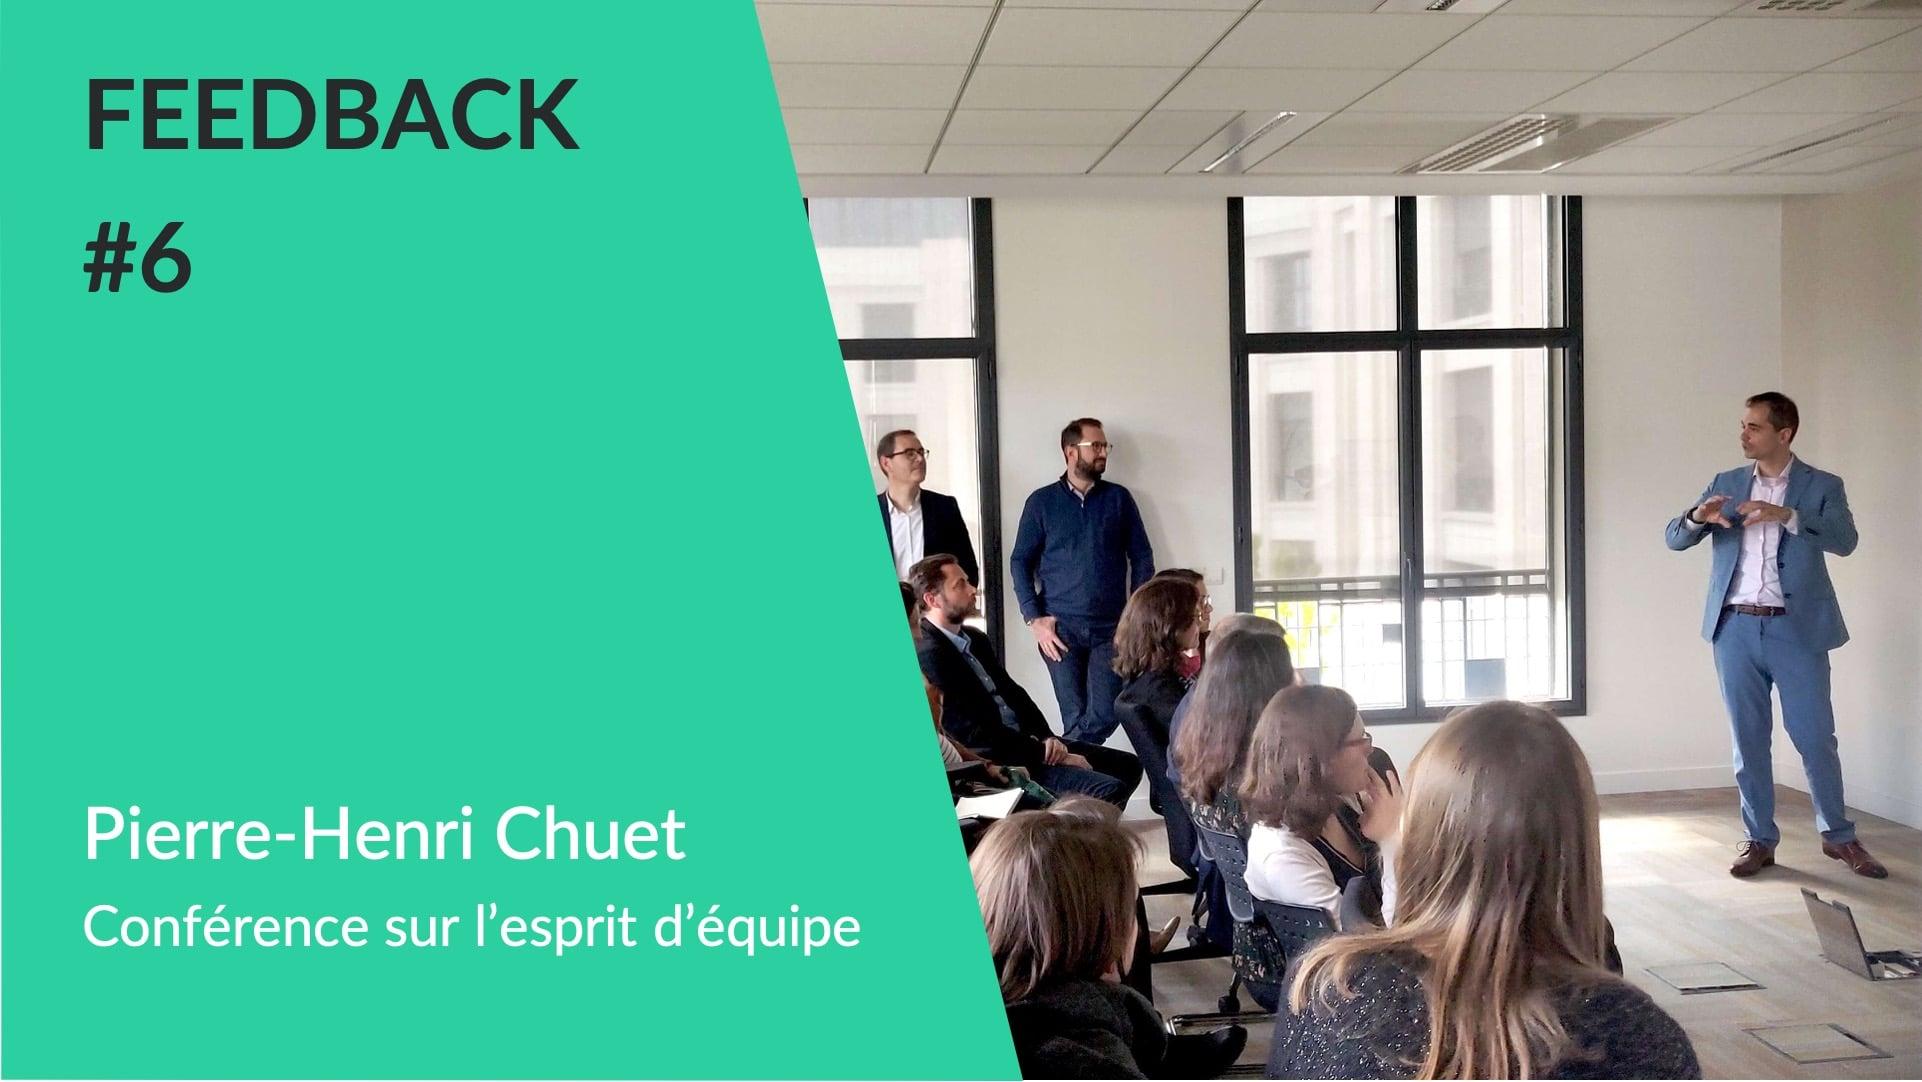 Feedback client WeChamp - Conférence sur l'esprit d'équipe avec Pierre-Henri Chuet